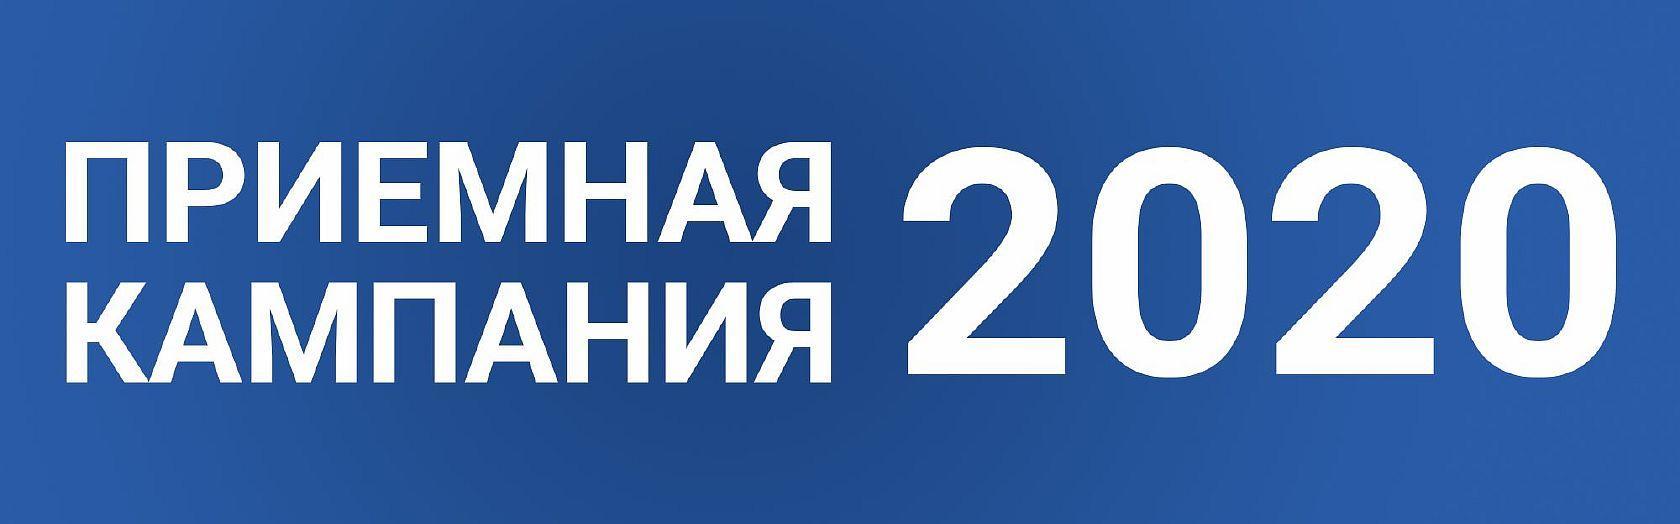 ПРИЕМНАЯ КАМПАНИЯ — 2020